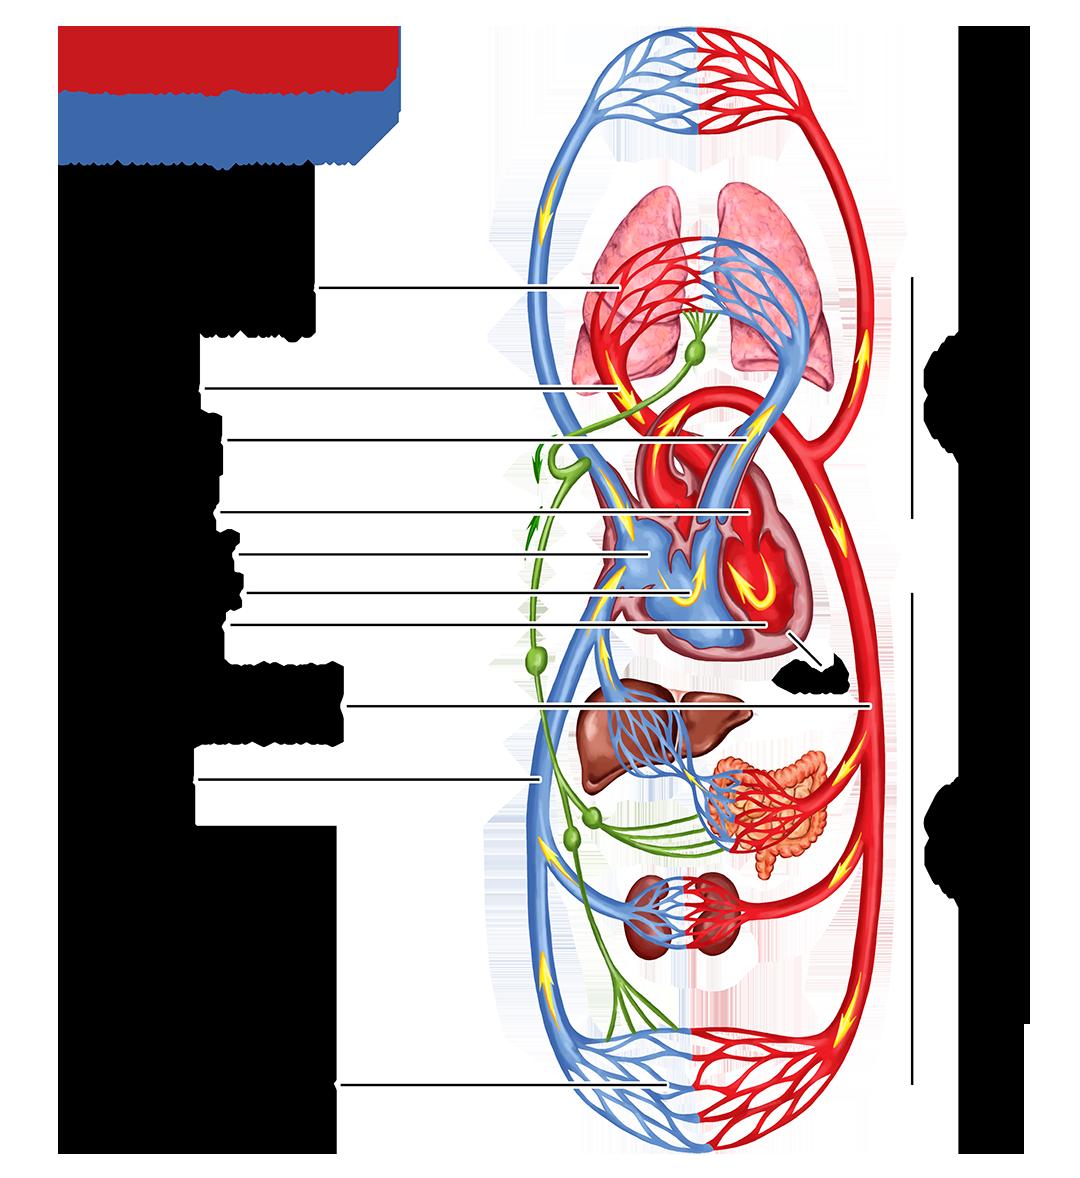 Kleiner- und großer Kreislauf Herz-Kreislauf-System